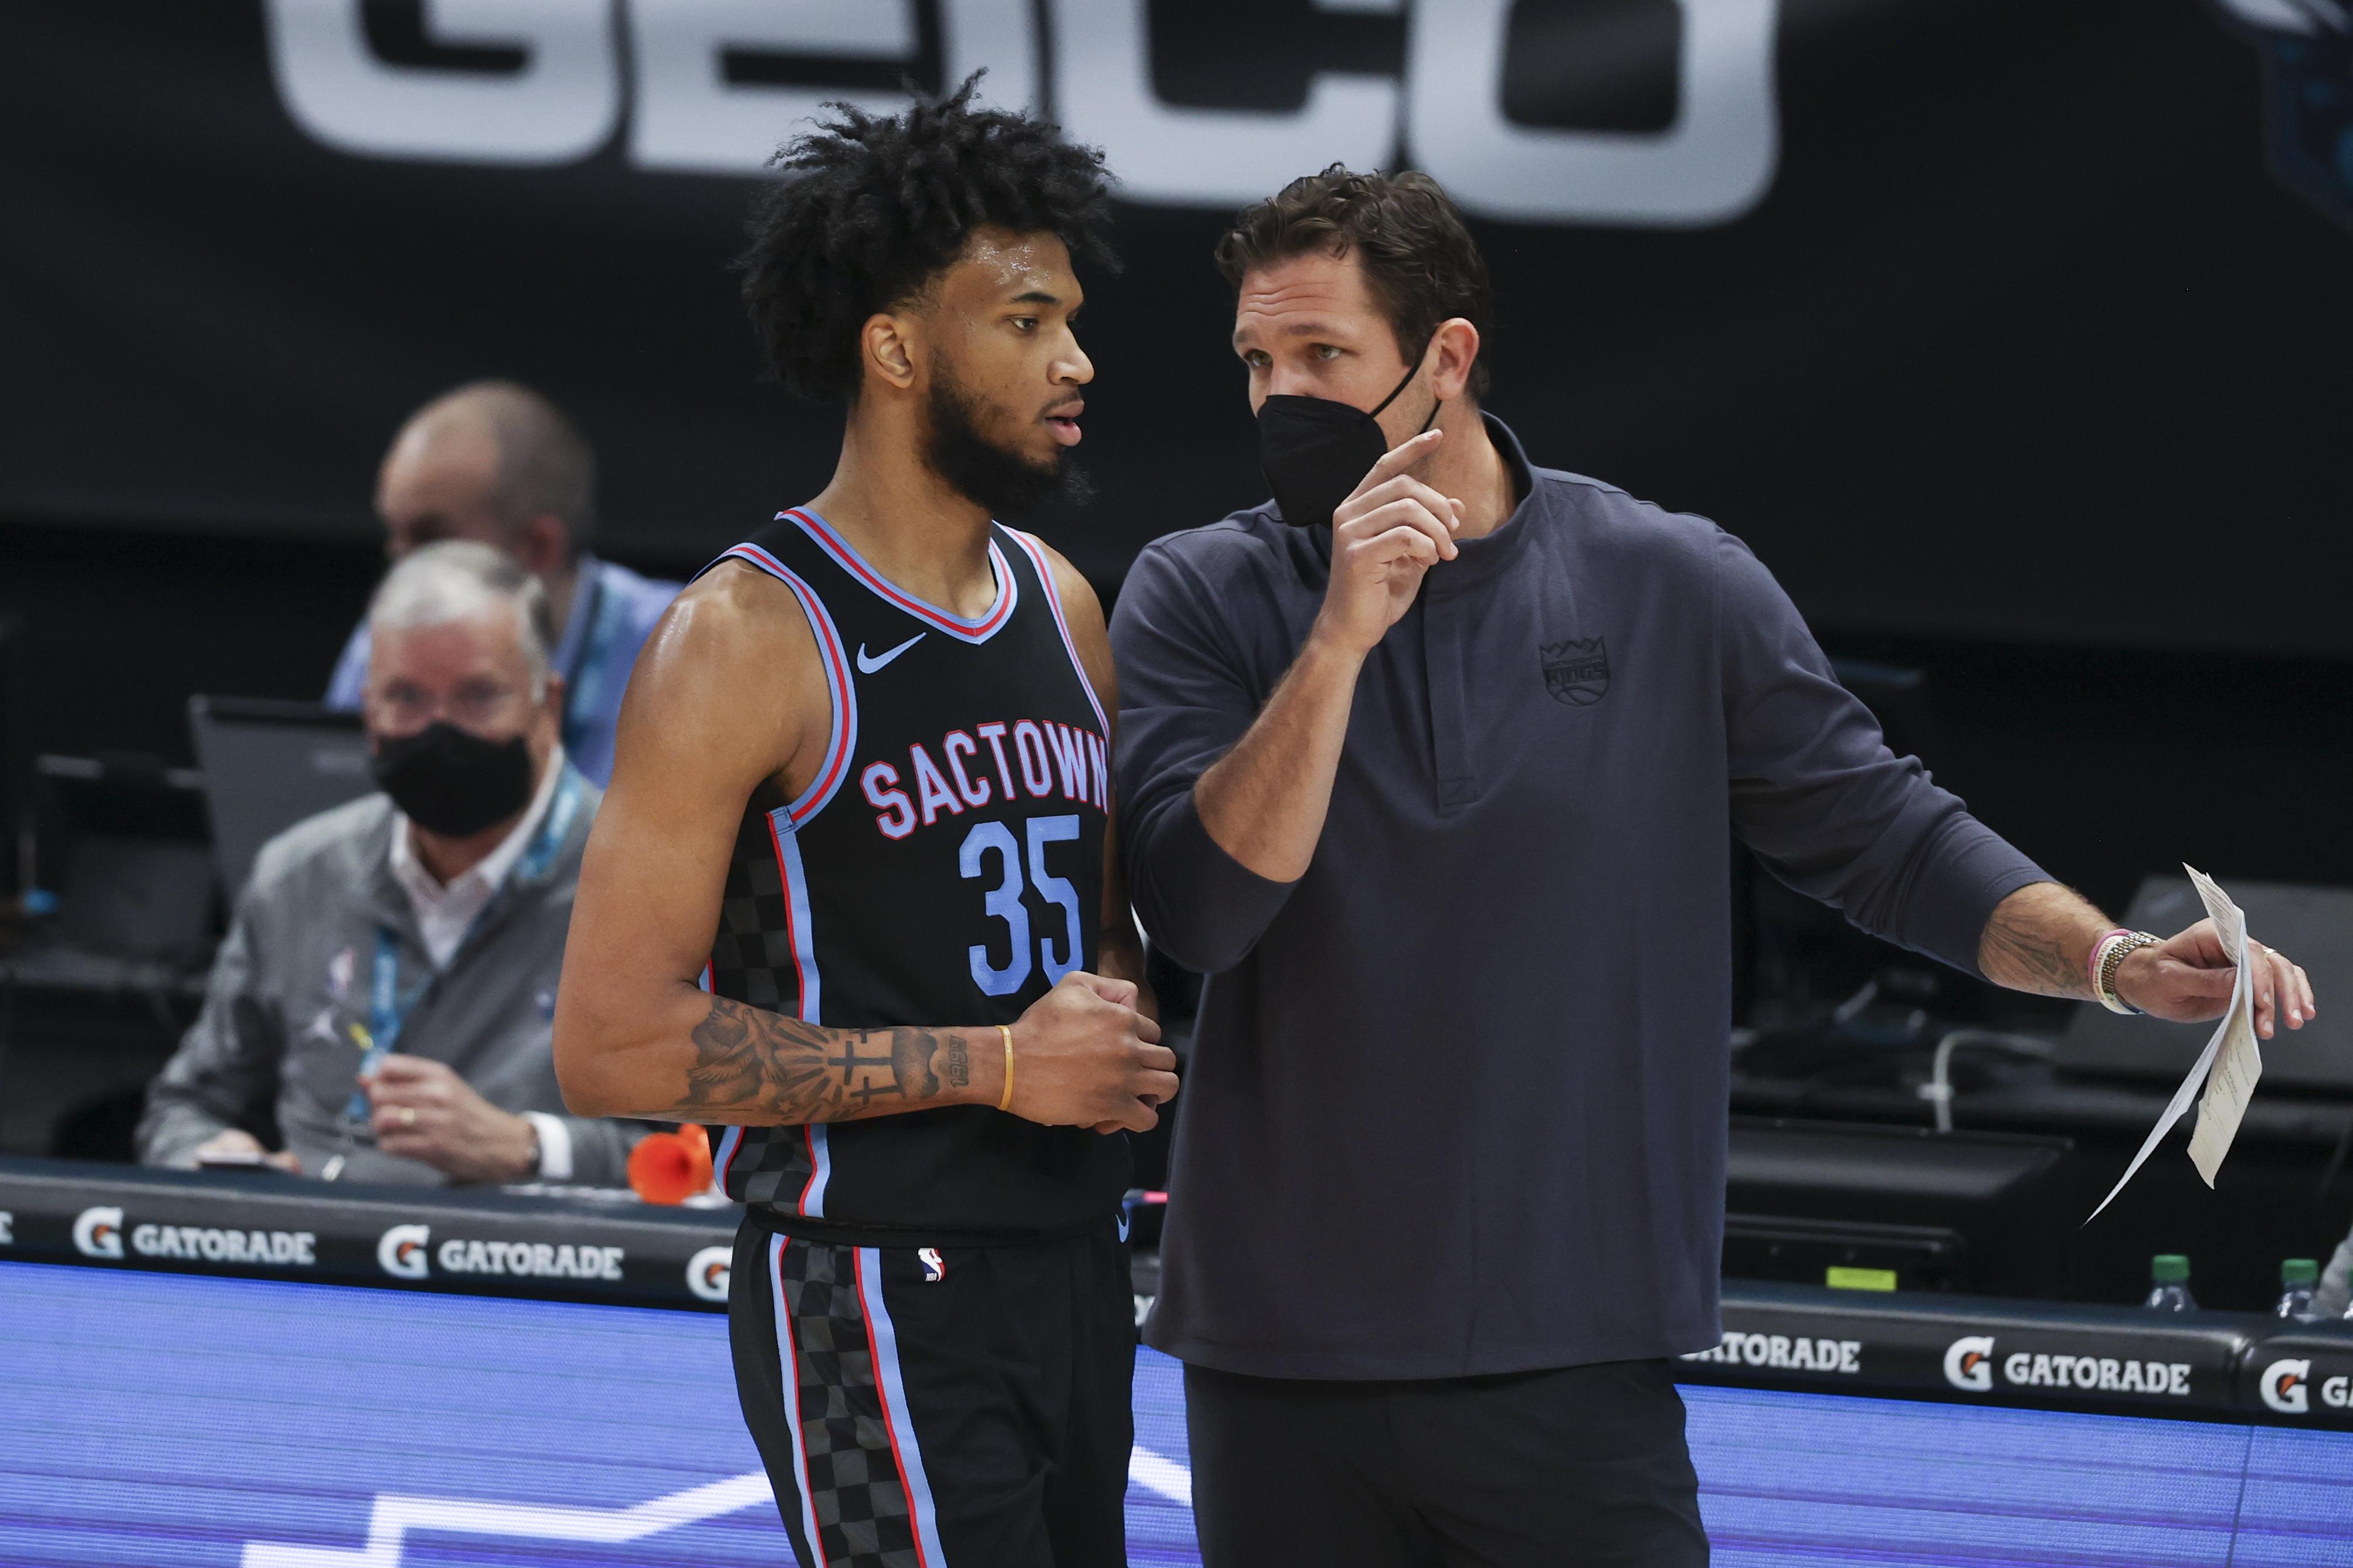 NBA: Sacramento Kings at Charlotte Hornets